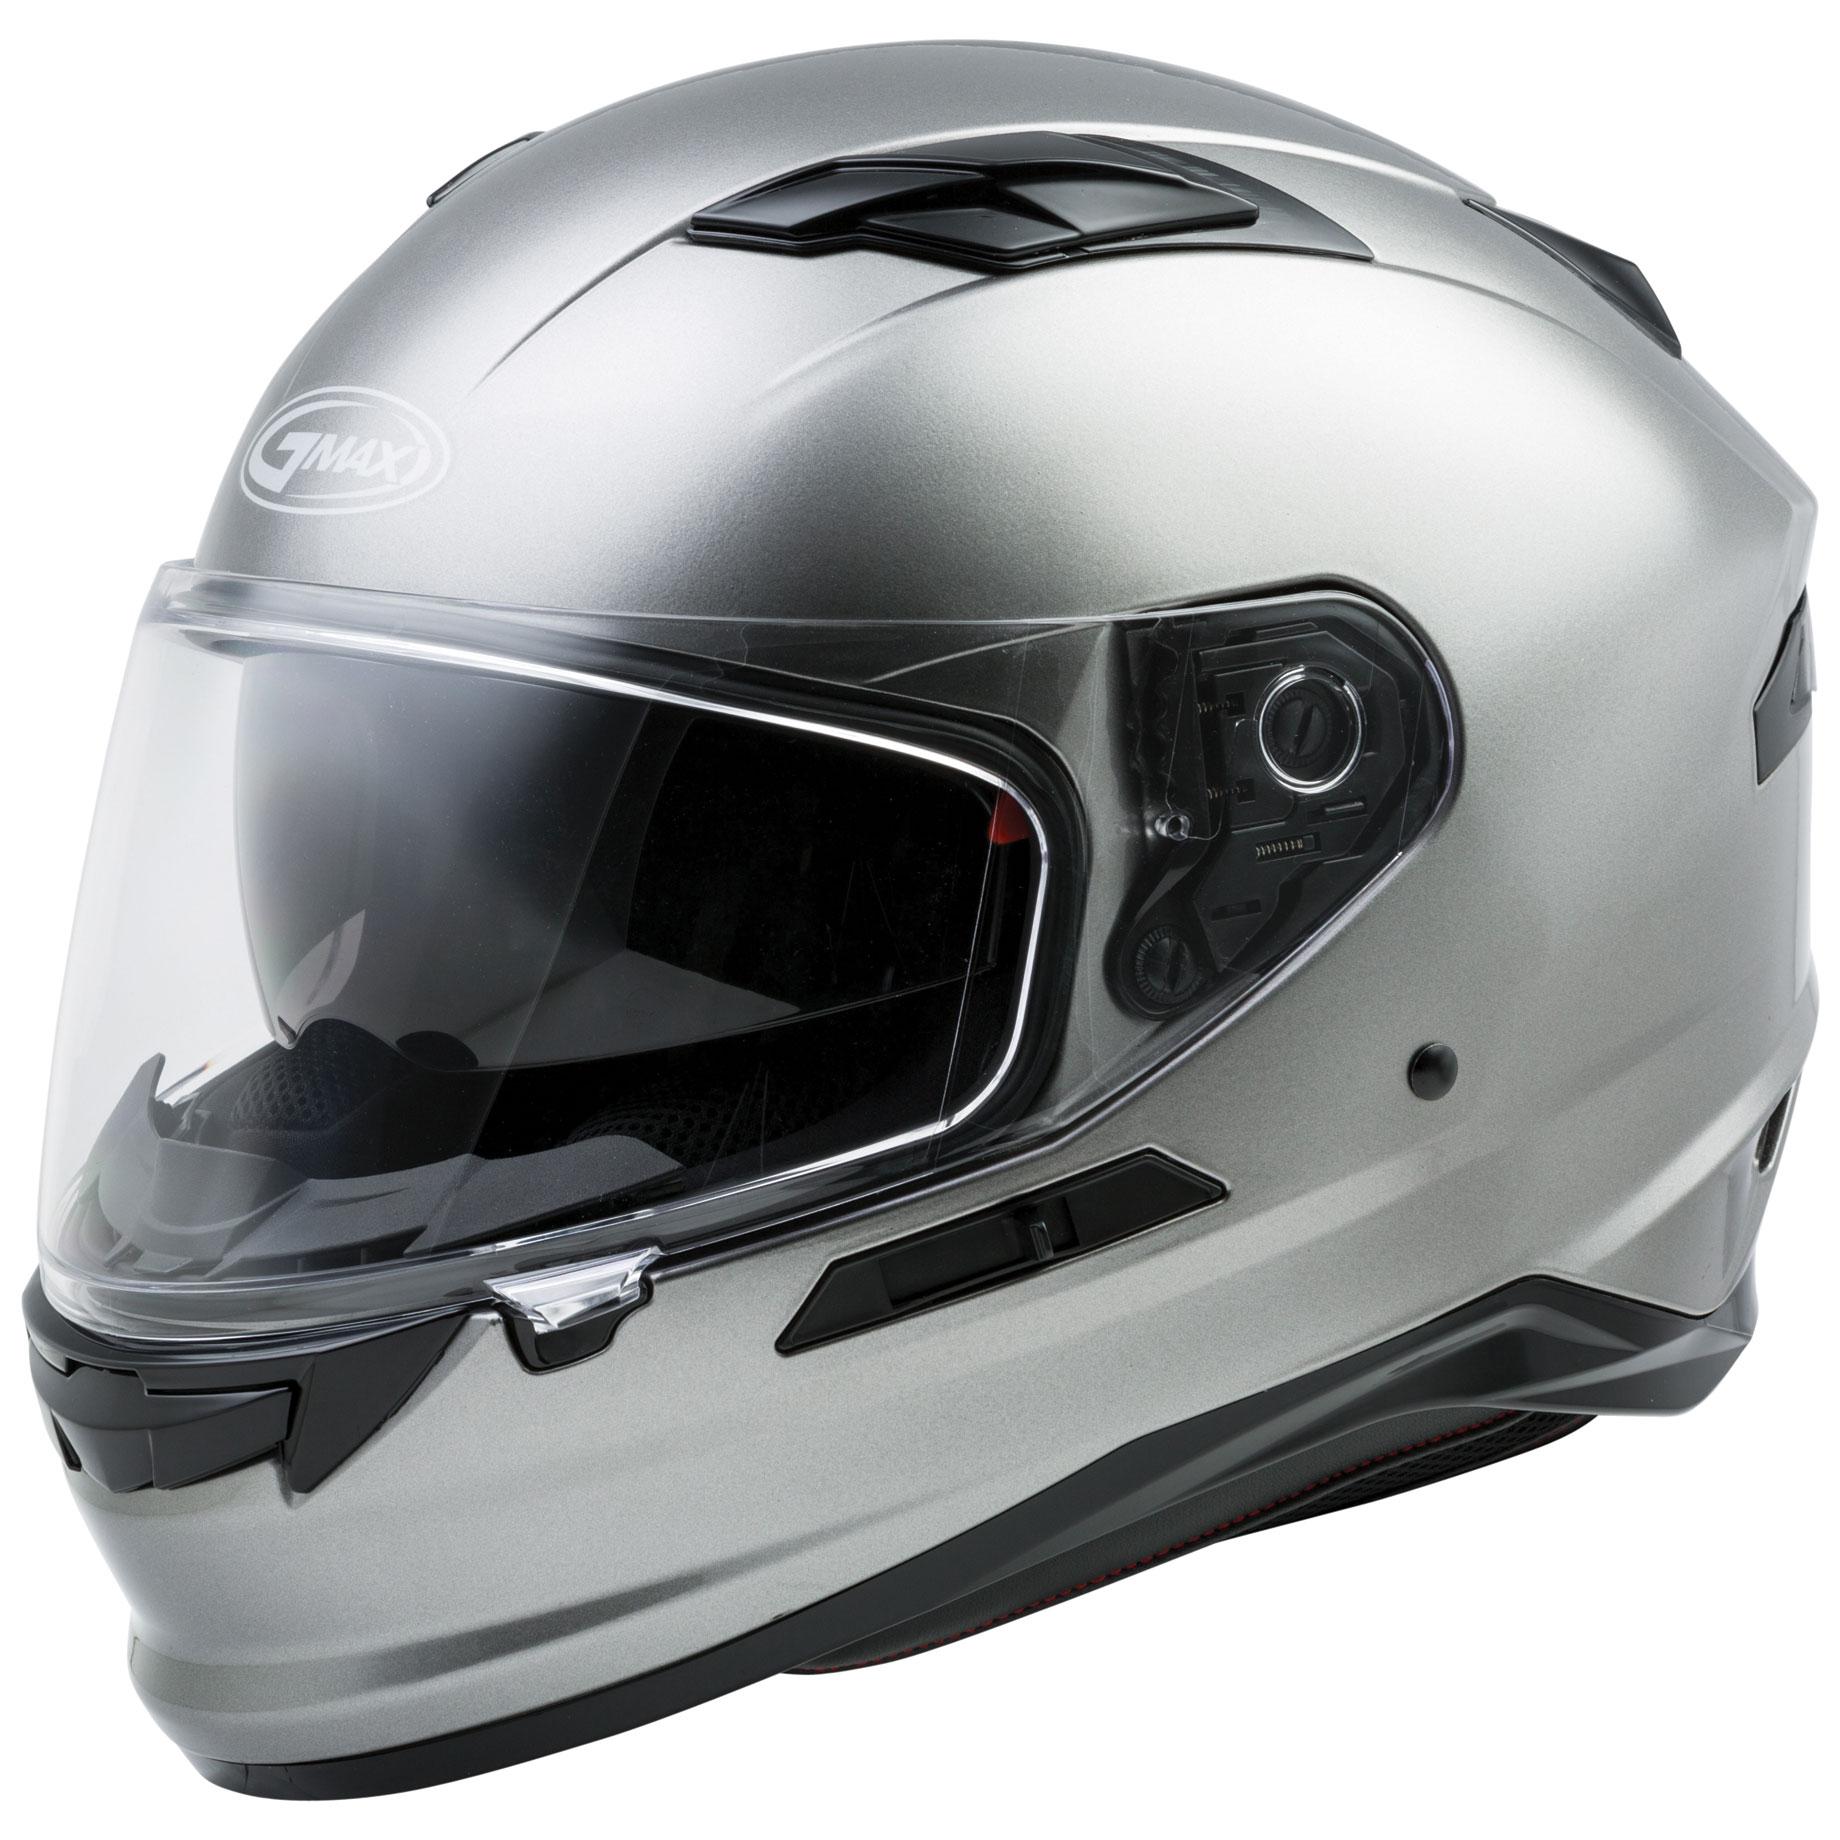 GMAX FF98 Titanium Full Face Helmet